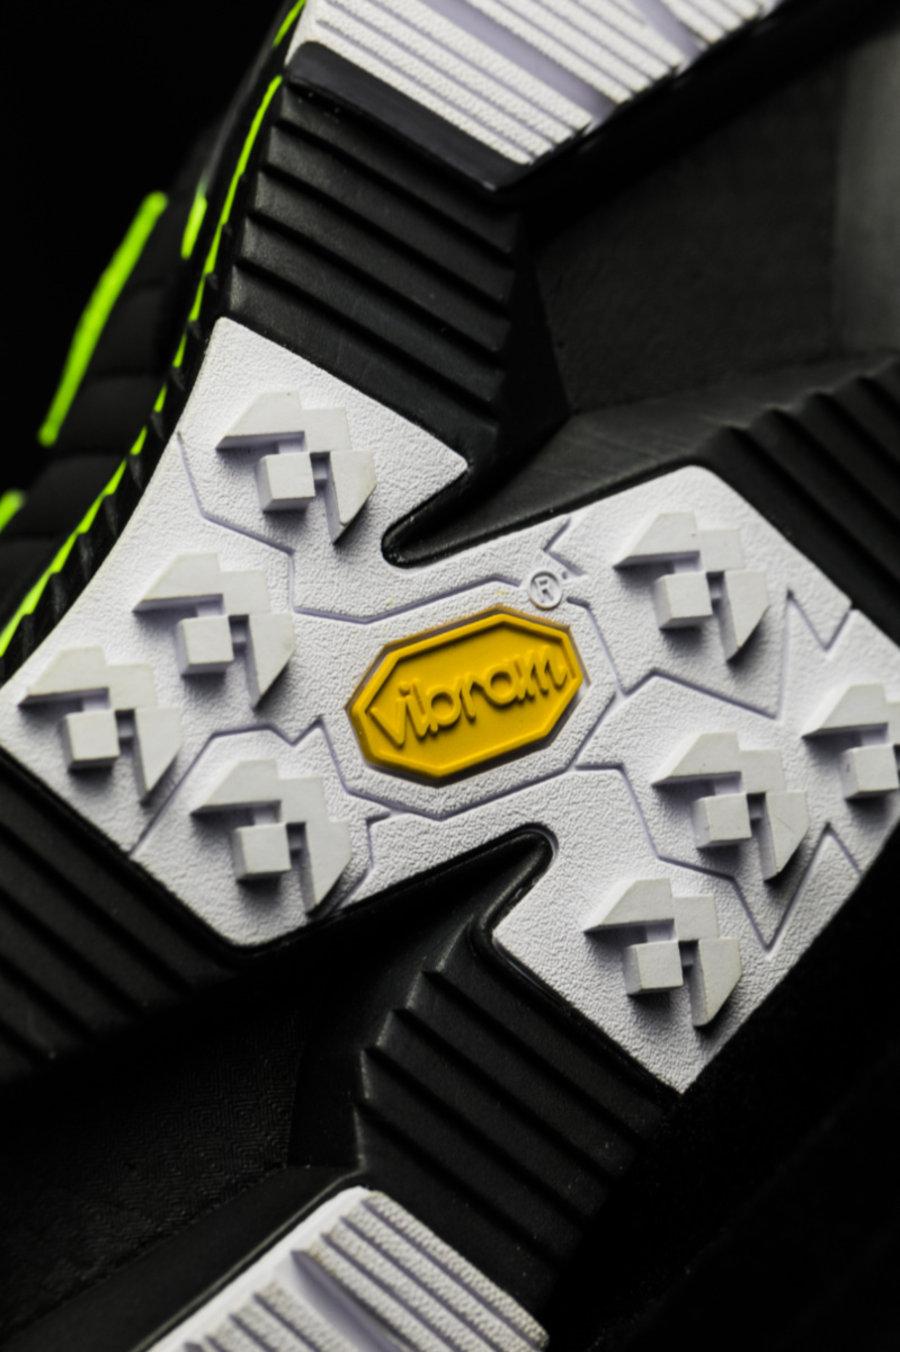 李宁,发售 又有机会将「银河球鞋」穿在脚上!双 11 狠货太多,这几双格外炫!